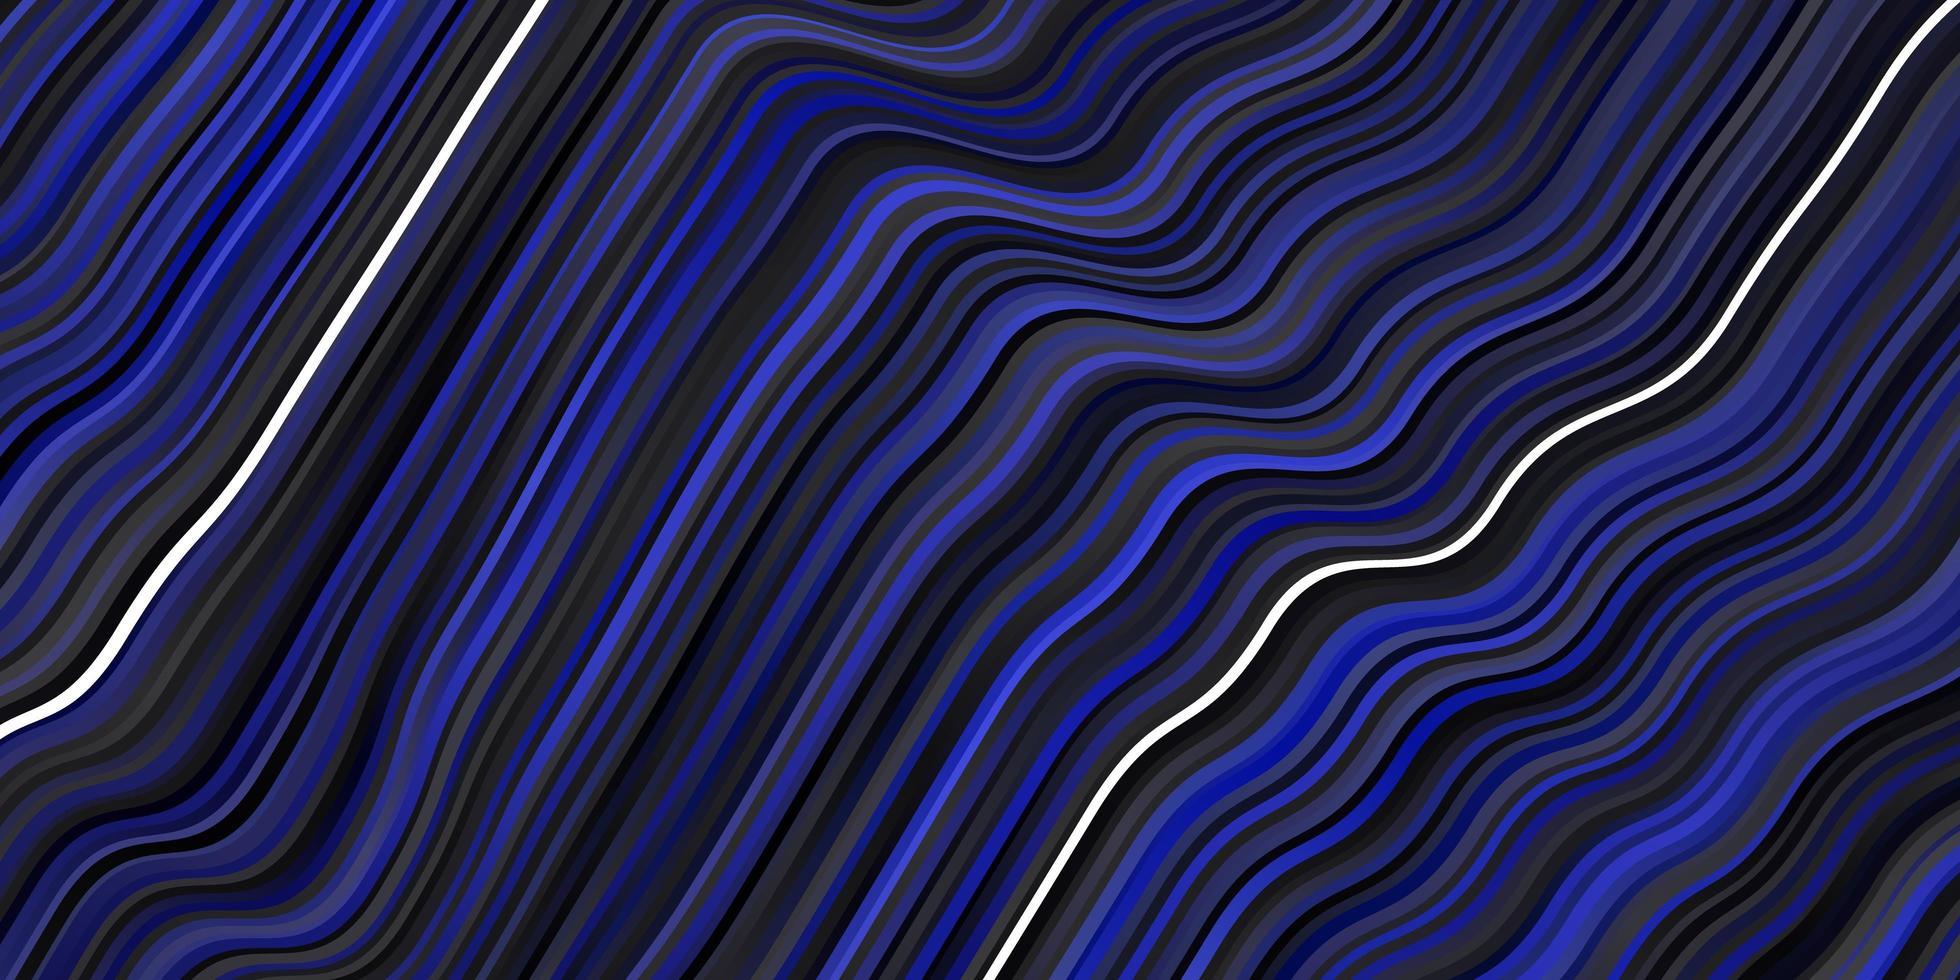 padrão azul escuro com curvas. vetor